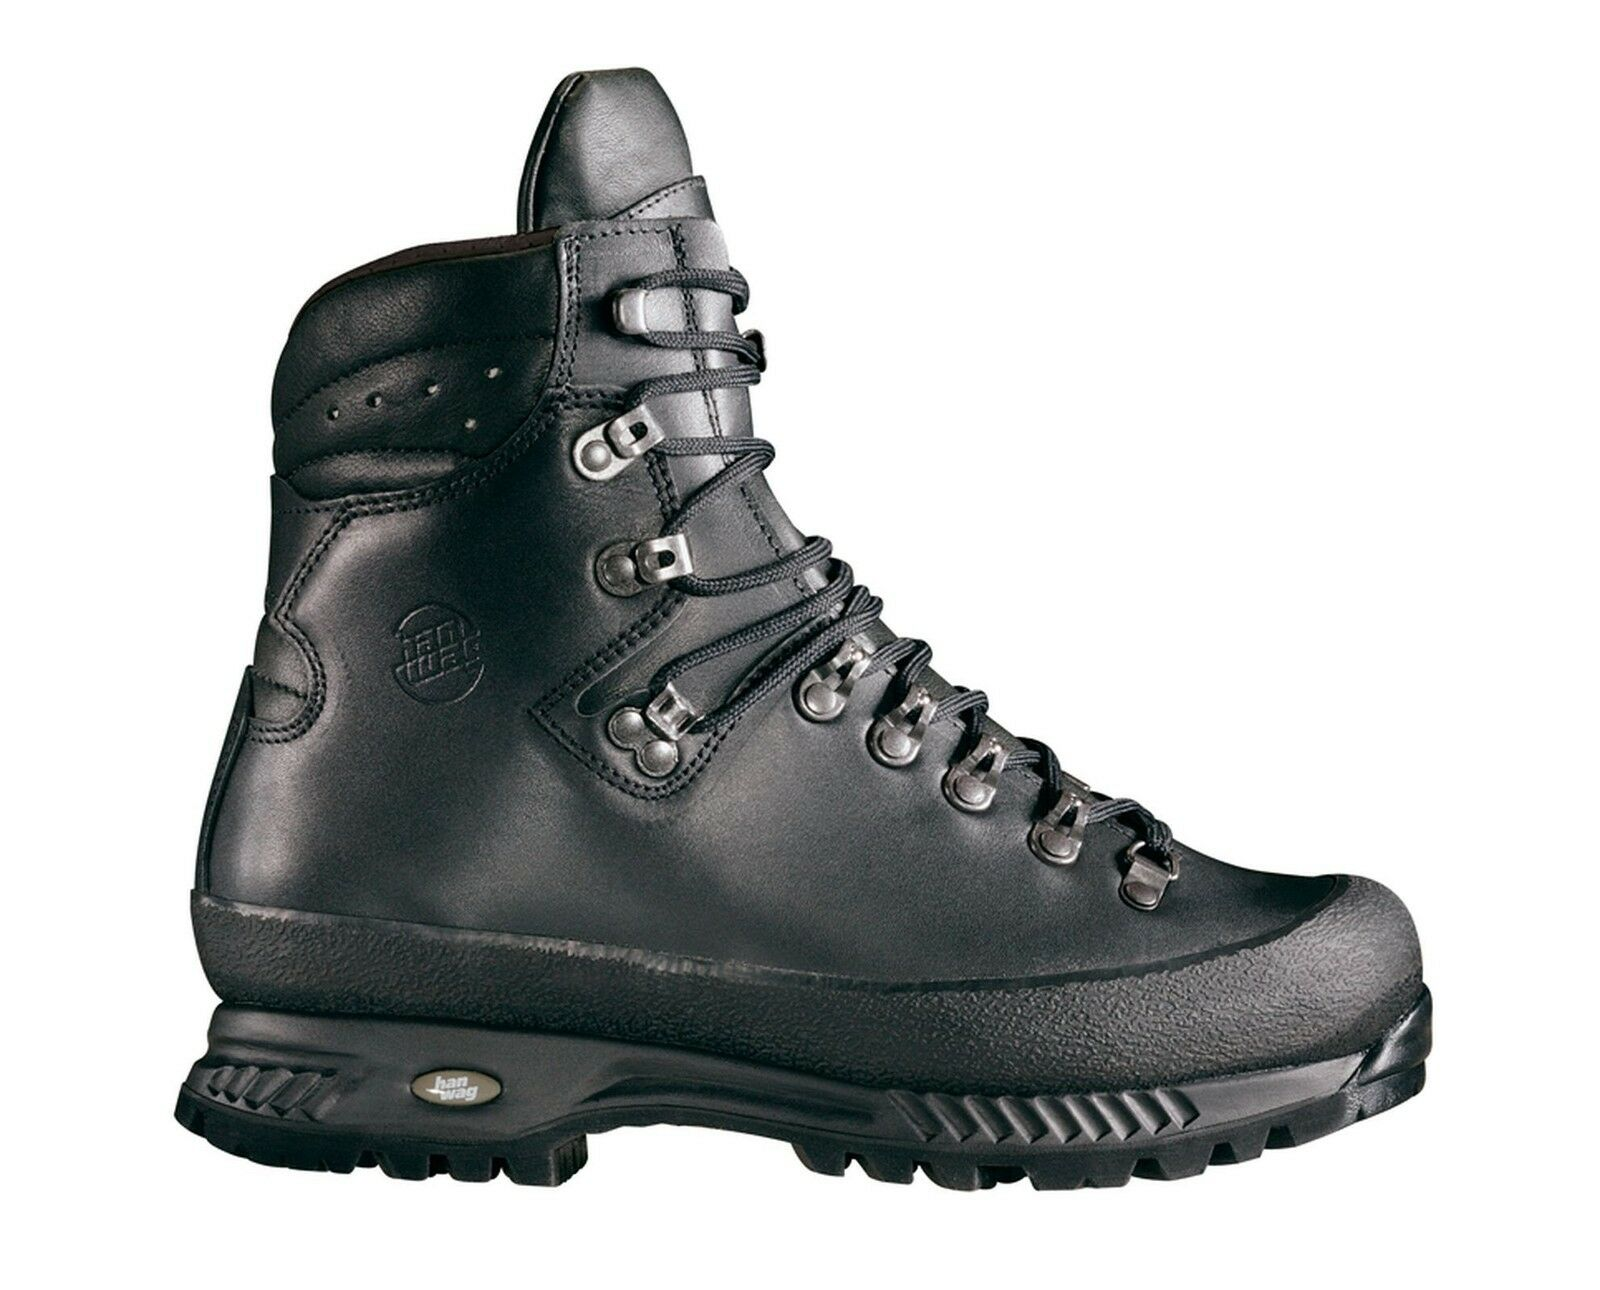 Hanwag Bergschuhe  Yukon Men Leder Größe 8,5 - 42,5 black